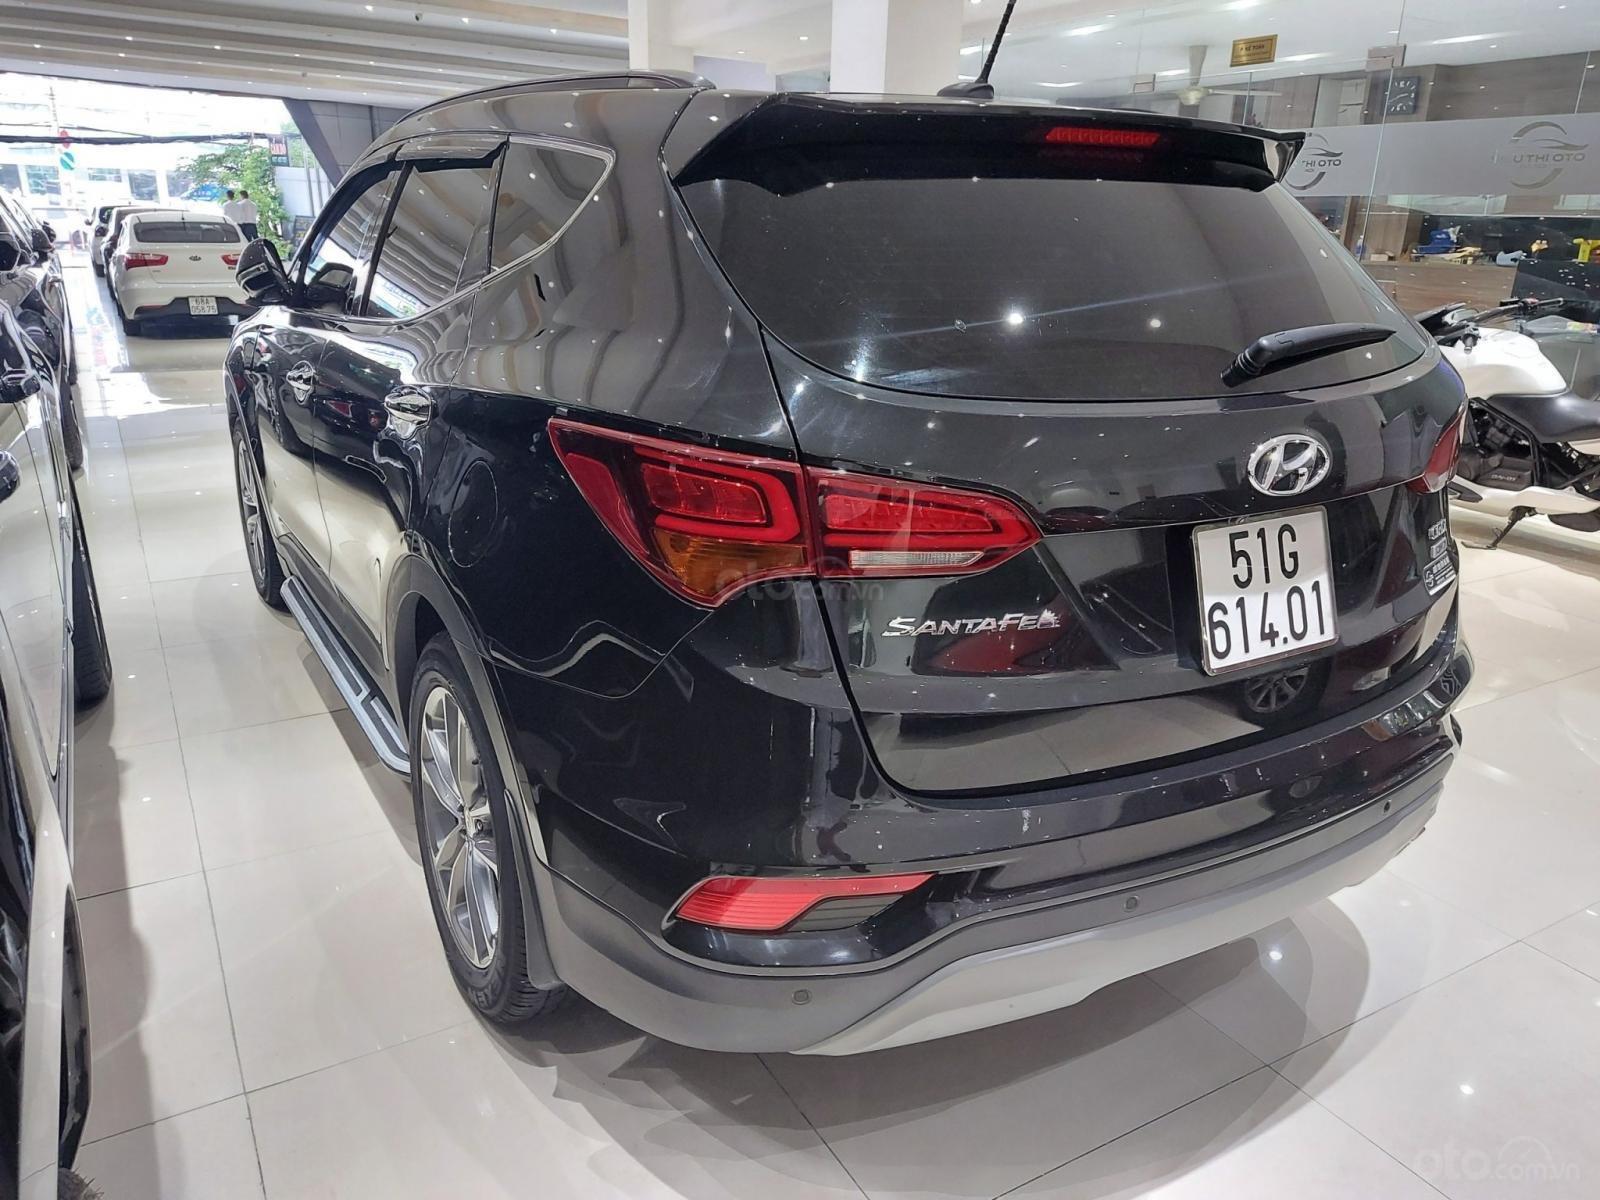 Bán Hyundai Santa Fe 2.2 AT 2018, máy dầu diesel, biển SG, xe gia đình sử dụng, odo 30.000km, thương lượng khách thiện chí (5)